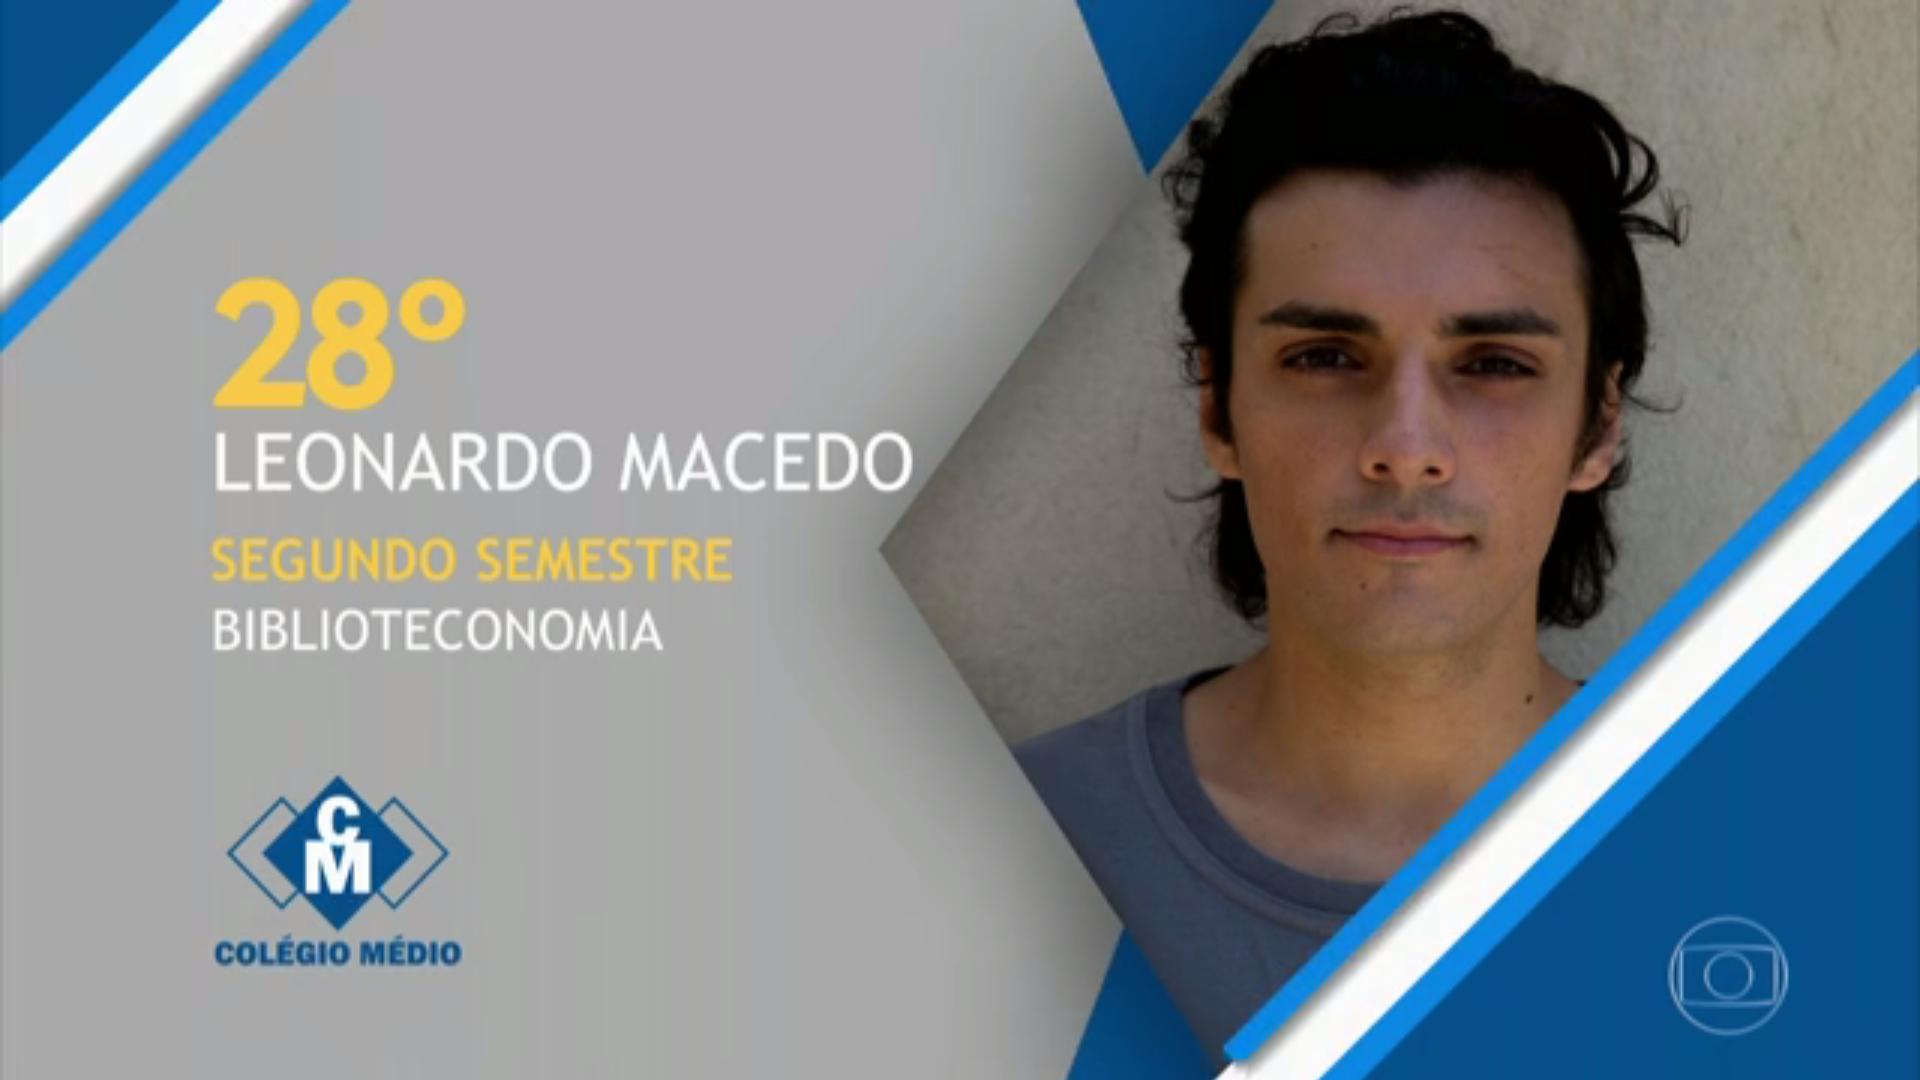 """Humorístico """"Tá No Ar"""" apresenta um personagem que teria passado em 28º lugar em Biblioteconomia (Foto: Reprodução/GloboPlay)"""